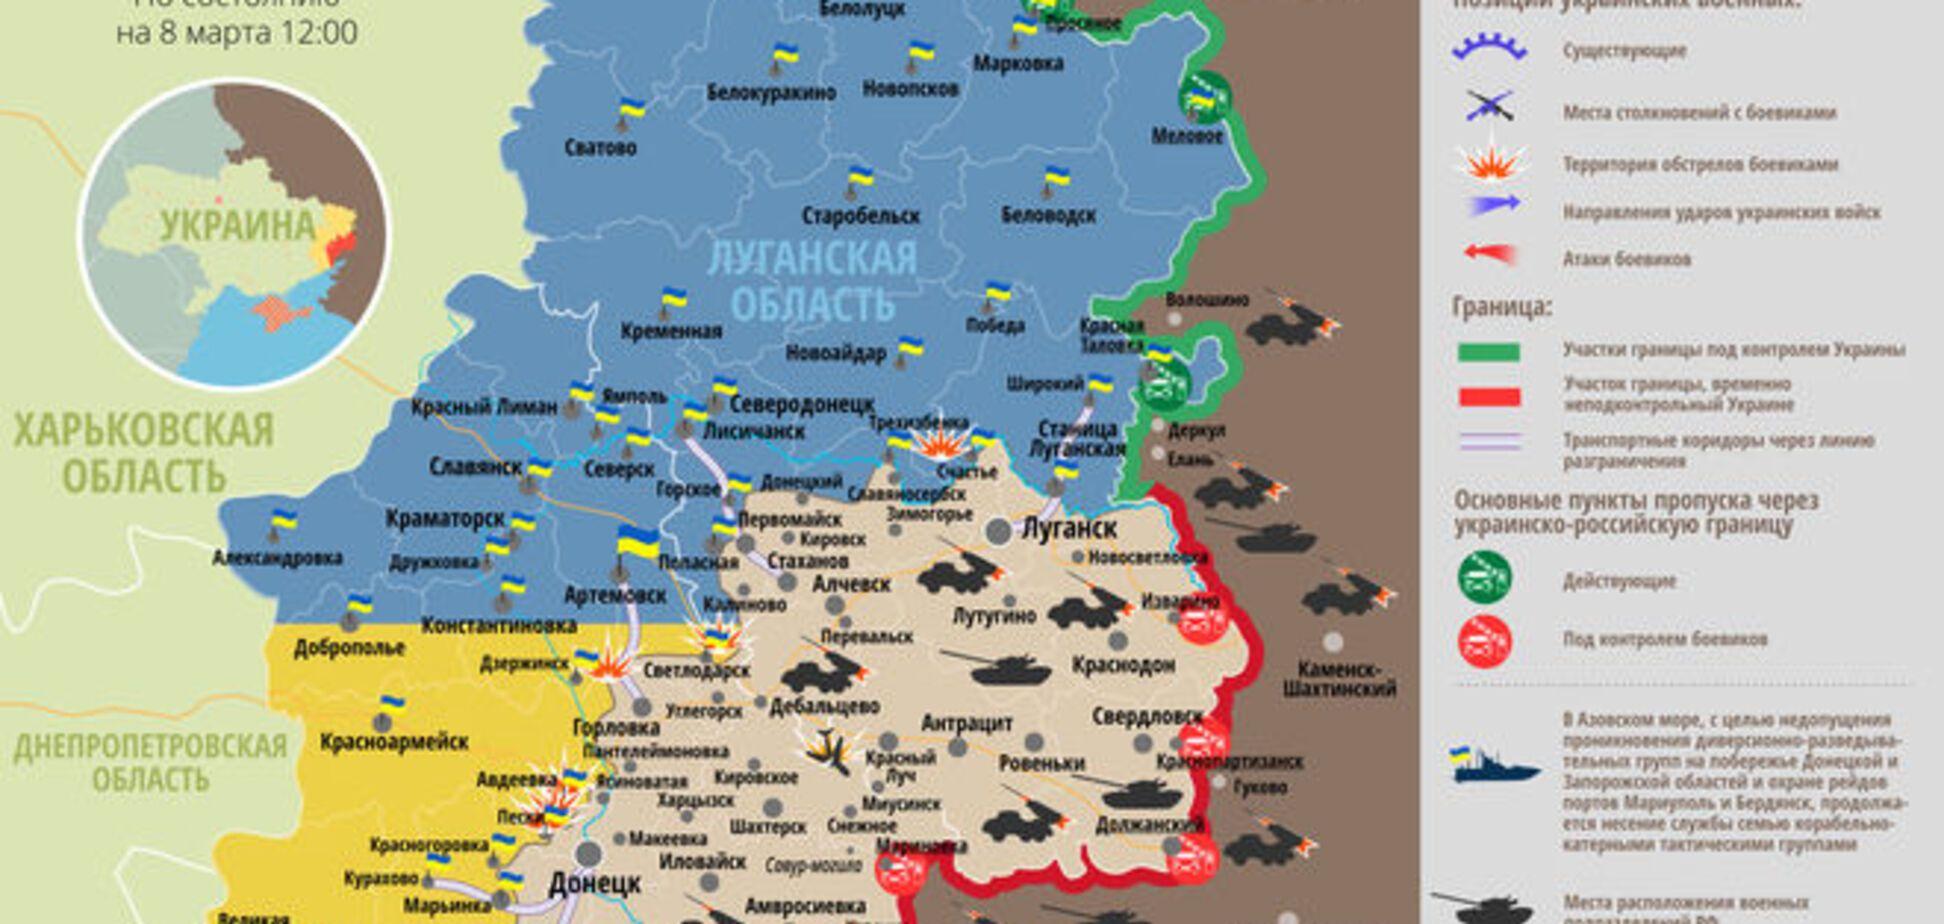 Боевики активизировали воздушную разведку: актуальная карта зоны АТО